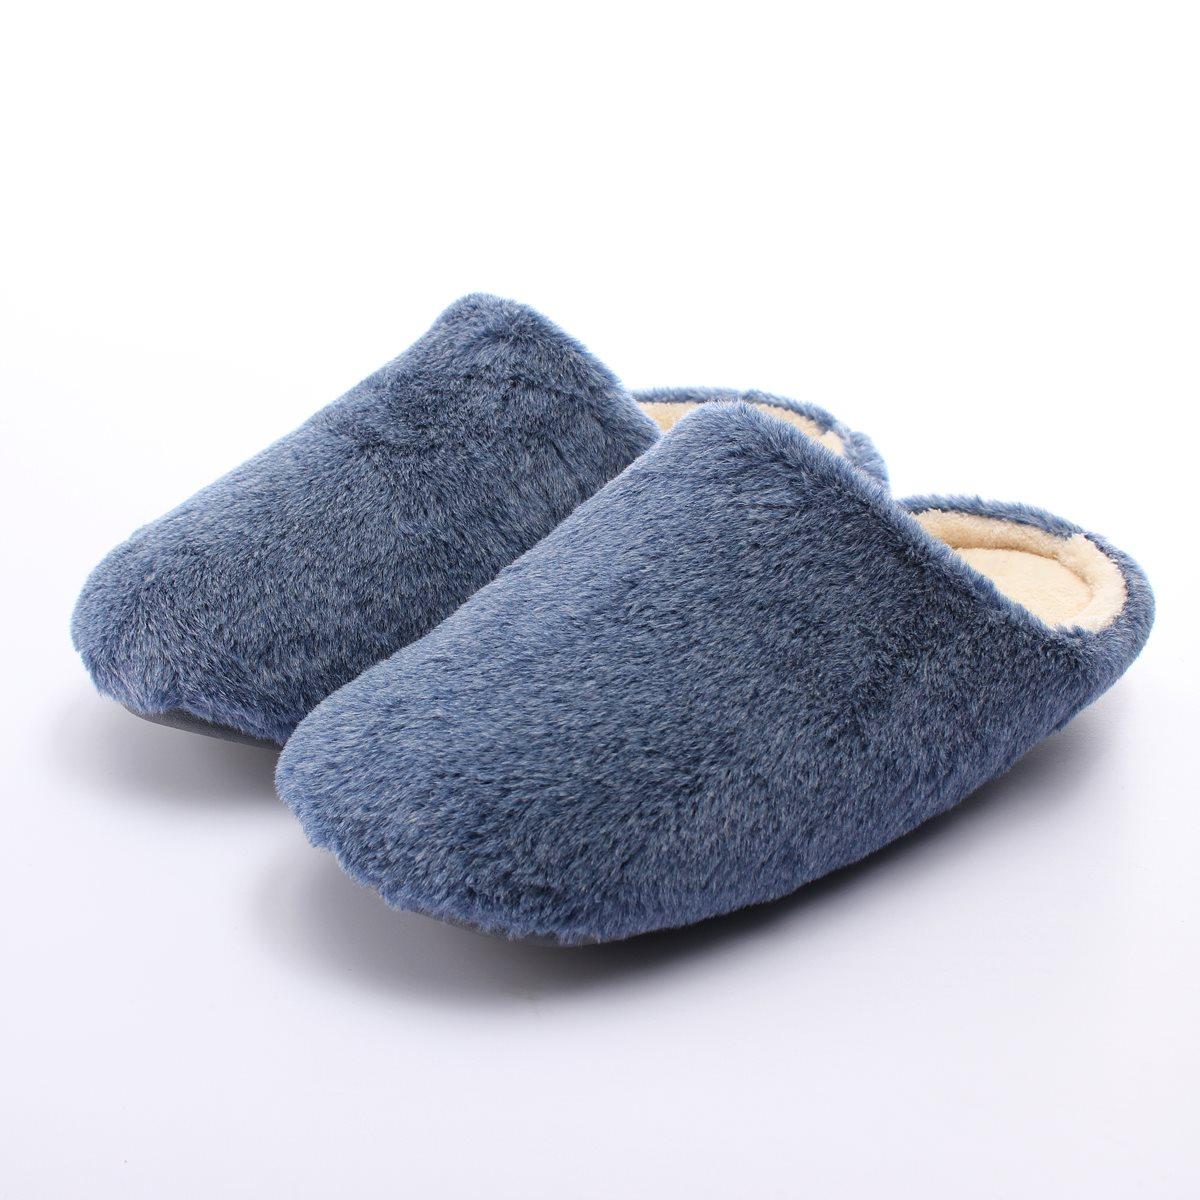 Men Winter Soft Slippers Home Plush Male Home Slippers Zapatos Indoor Man Warm Slippers Zapatos c4a64e